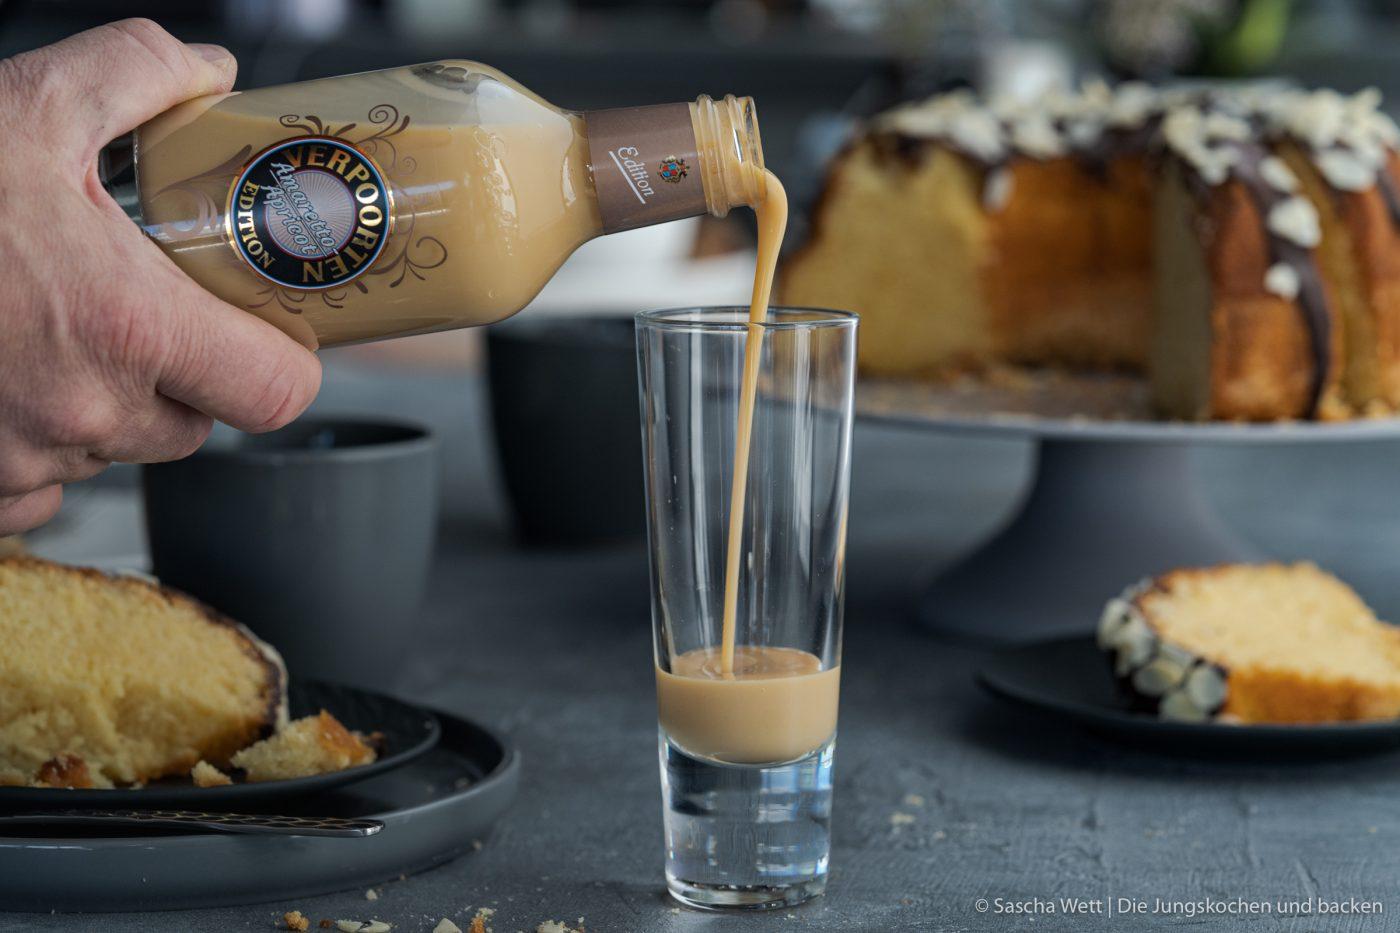 Apricot Amaretto Eierlikörkuchen verpoorten 12 | Heute haben wir eine Variante eines eurer absoluten Blog-Lieblinge dabei! Unseren super saftigen Eierlikörkuchen habt ihr schon etliche Male nachgebacken und wir sind immer wieder super happy über euer tolles Feedback. Gerade bei diesen All-Time-Favorite Rezepten wandeln wir gerne auch mal ein wenig ab und versuchen, etwas Neues mit ins Rezept zu bringen. Dieses Mal haben wir uns dafür mit unserem Partner VERPOORTEN zusammengetan und zeigen euch einen genialen Eierlikörkuchen mit Amaretto-Apricot.